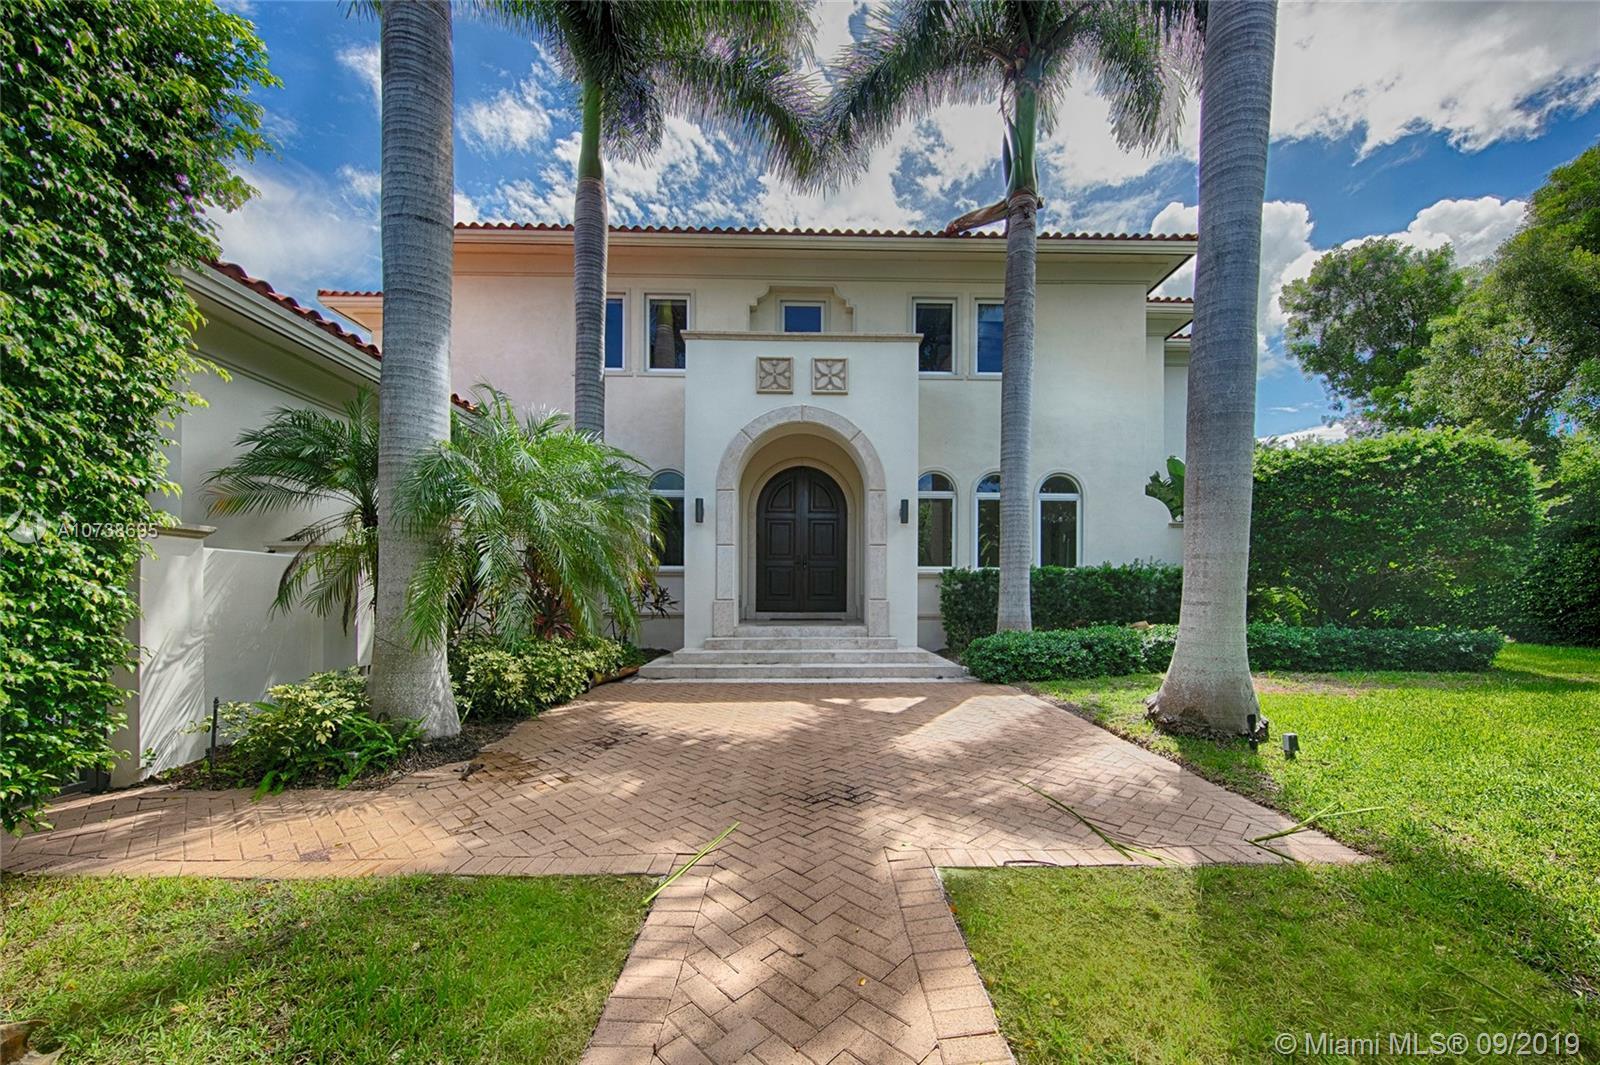 9601 E Broadview Dr, Bay Harbor Islands, FL 33154 - Bay Harbor Islands, FL real estate listing